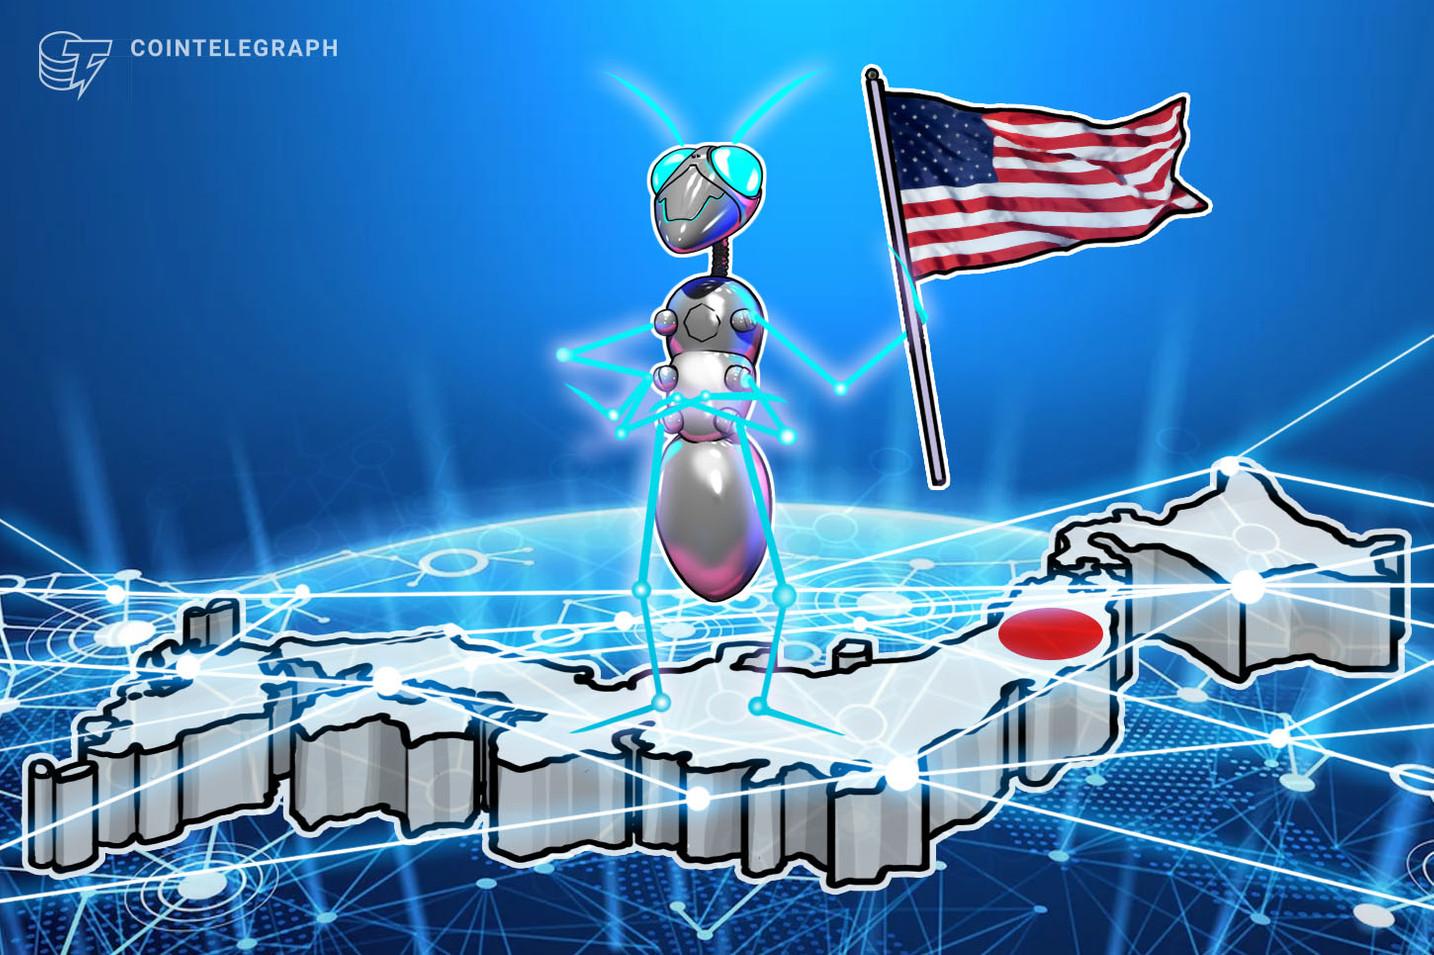 Empresa de contratos inteligentes Quantstamp revela investimento da gigante financeira Nomura